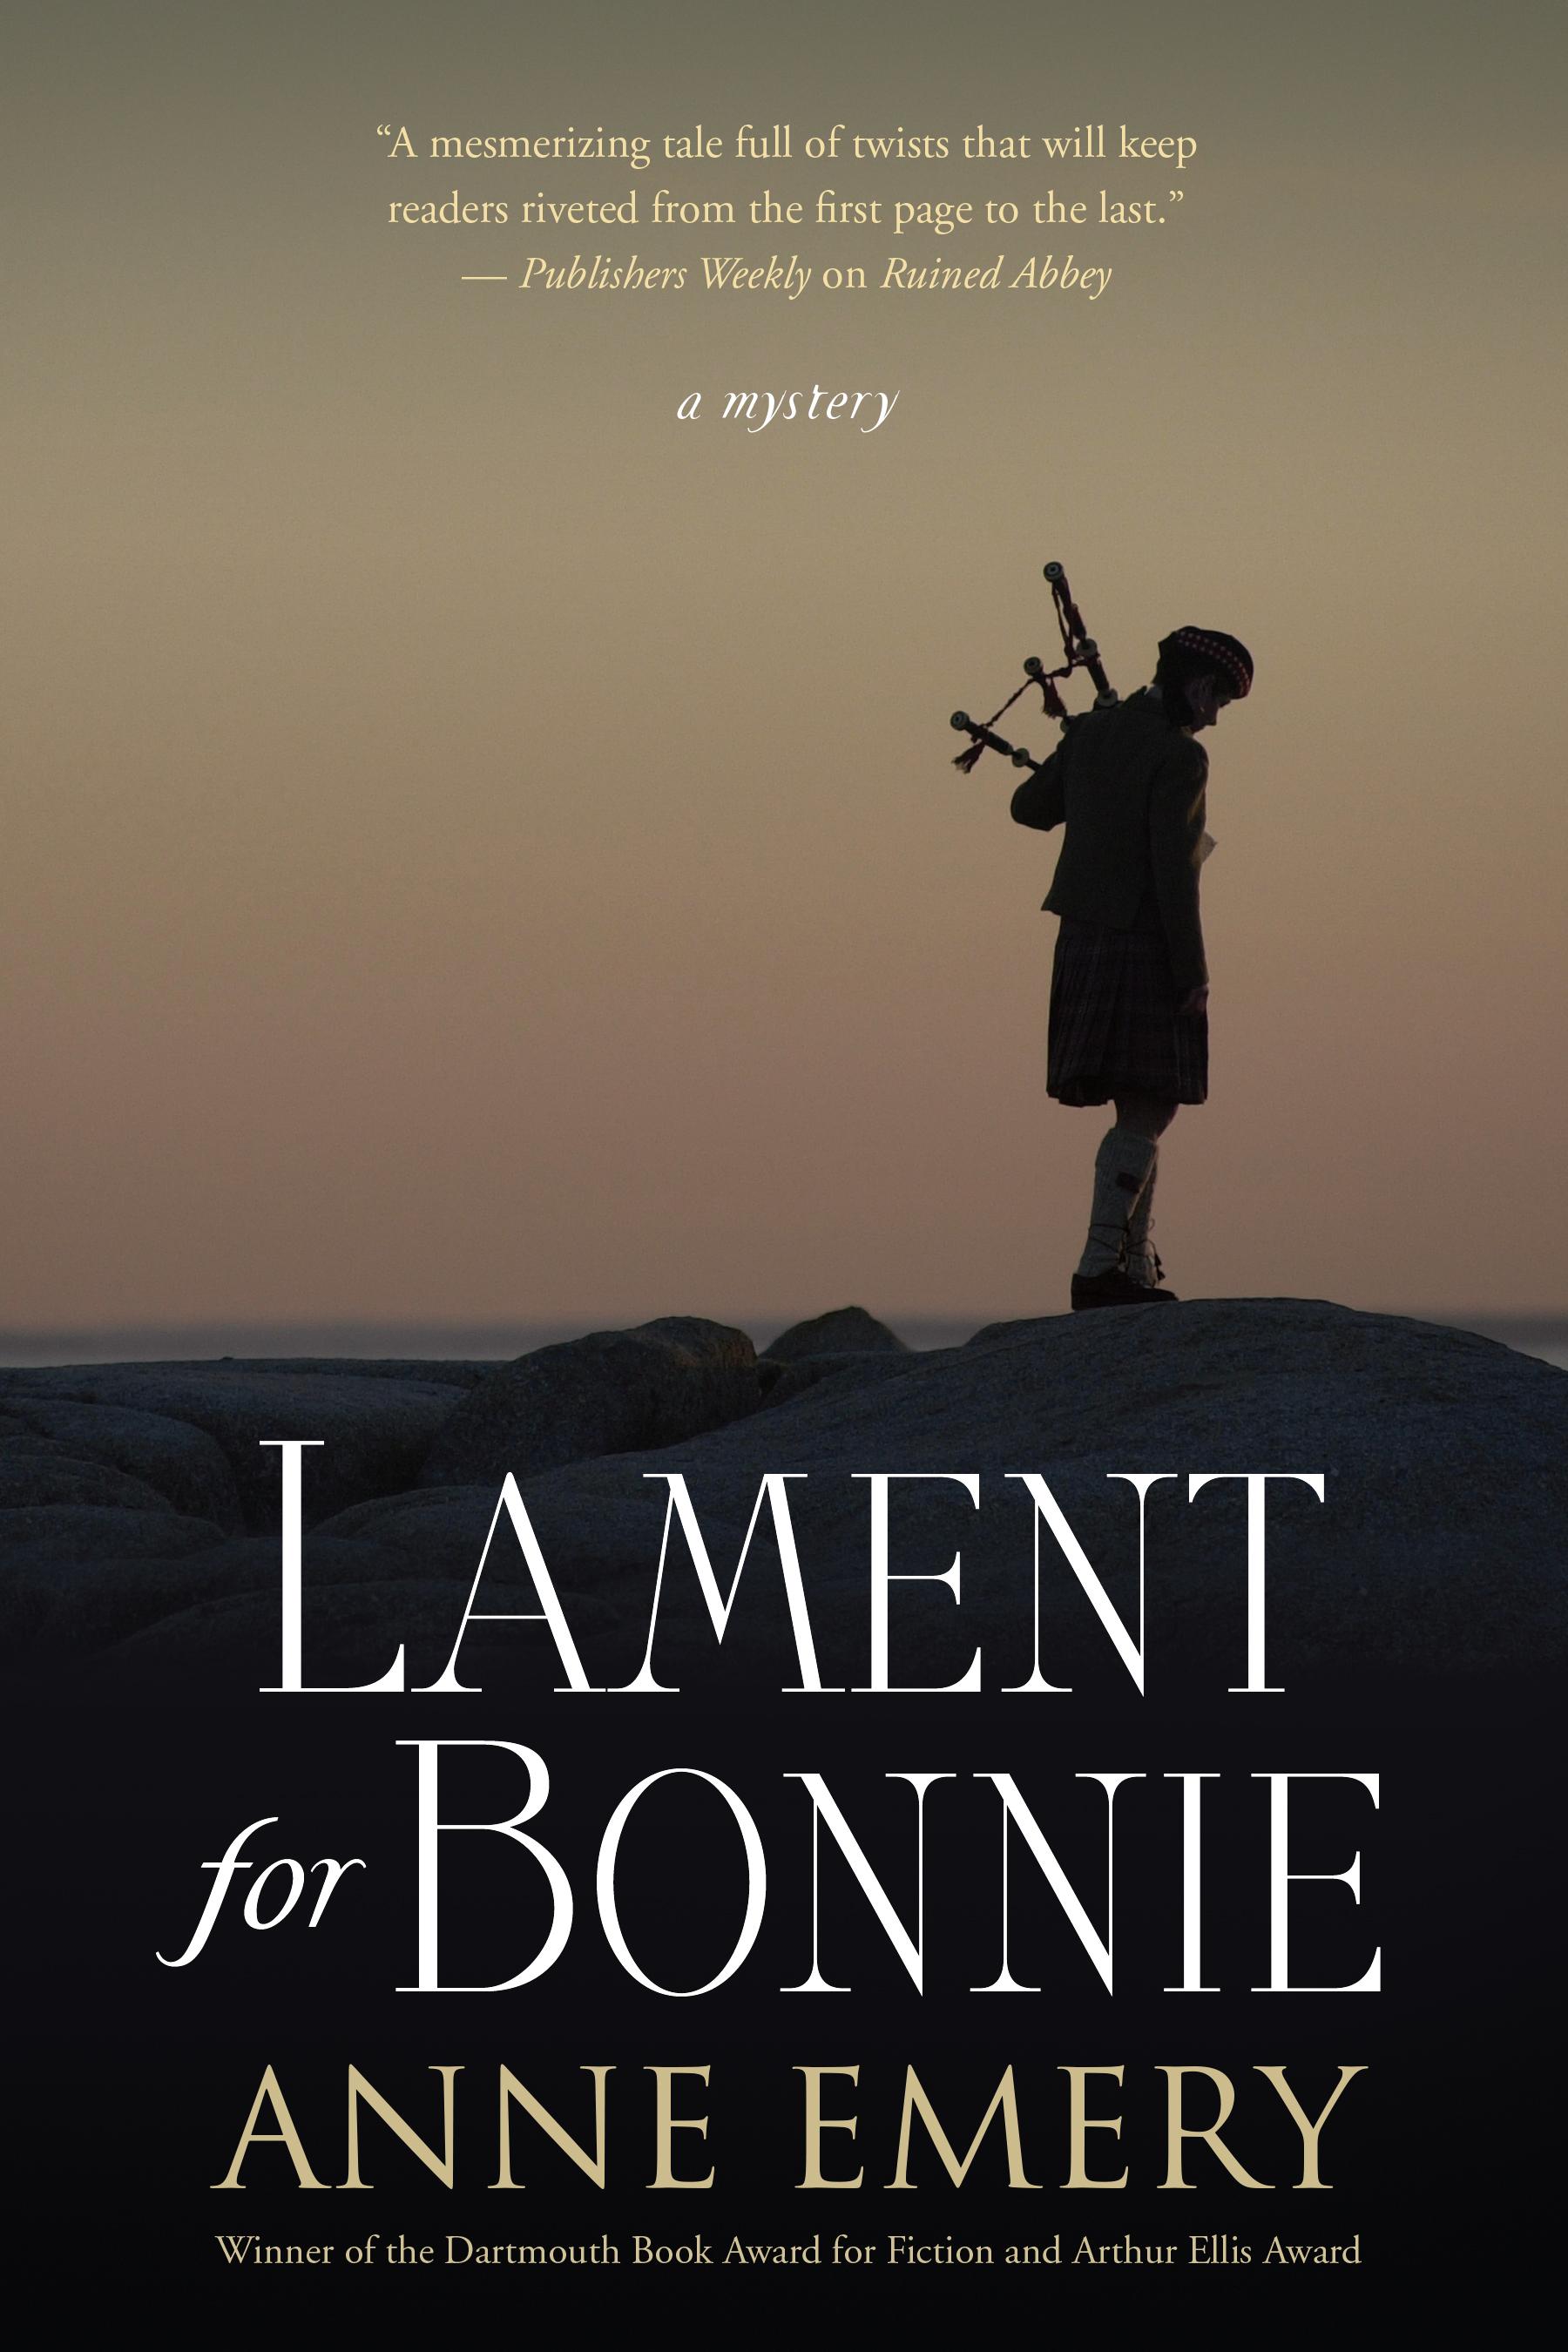 Lament for Bonnie